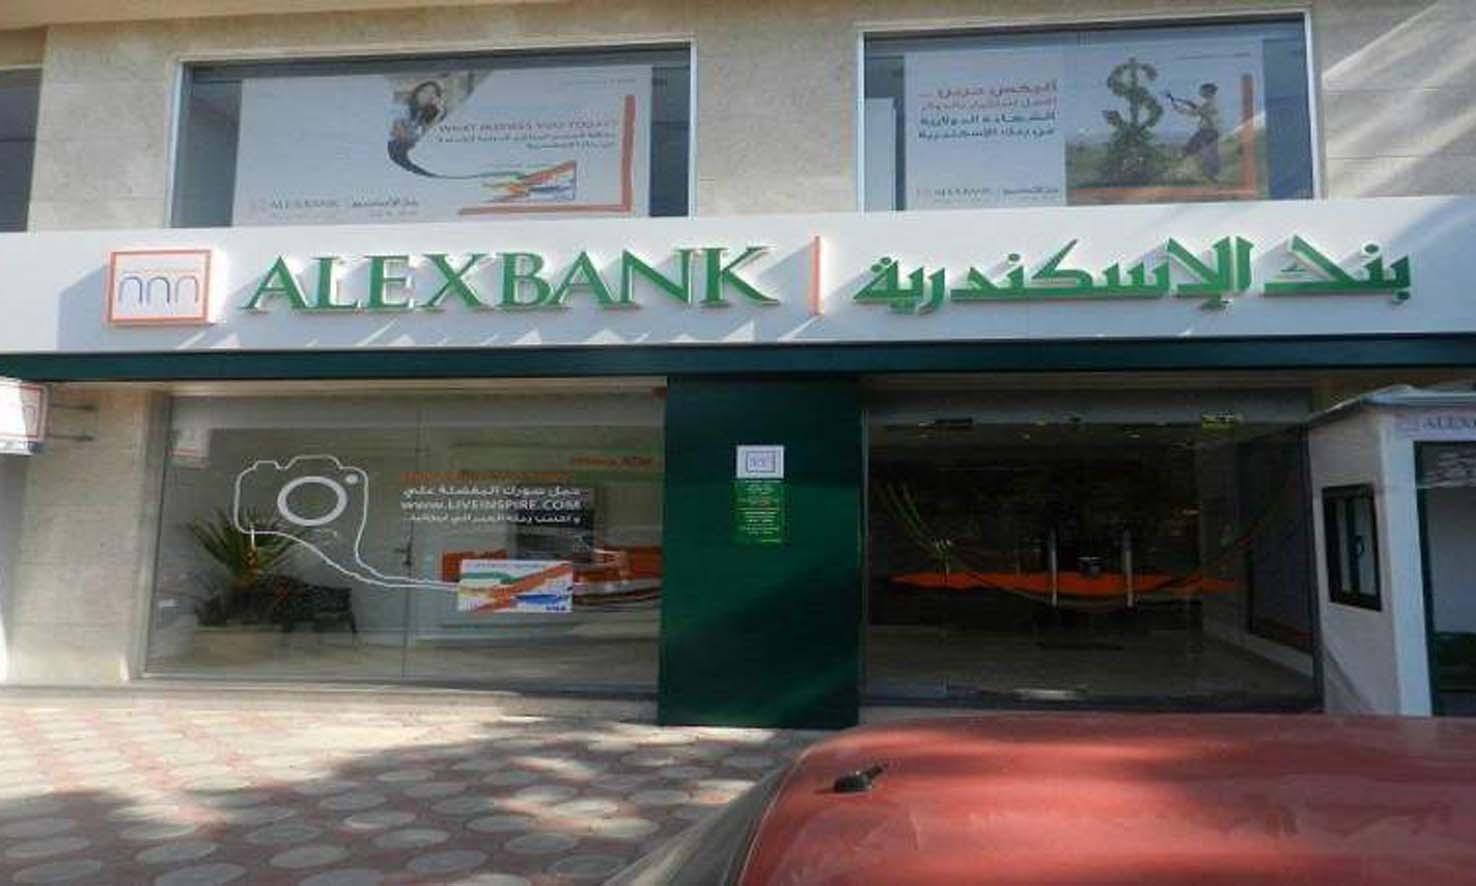 بنك الاسكندرية ينظم 50 ورشة عمل لأصحاب المشروعات الصغيرة - جريدة المال